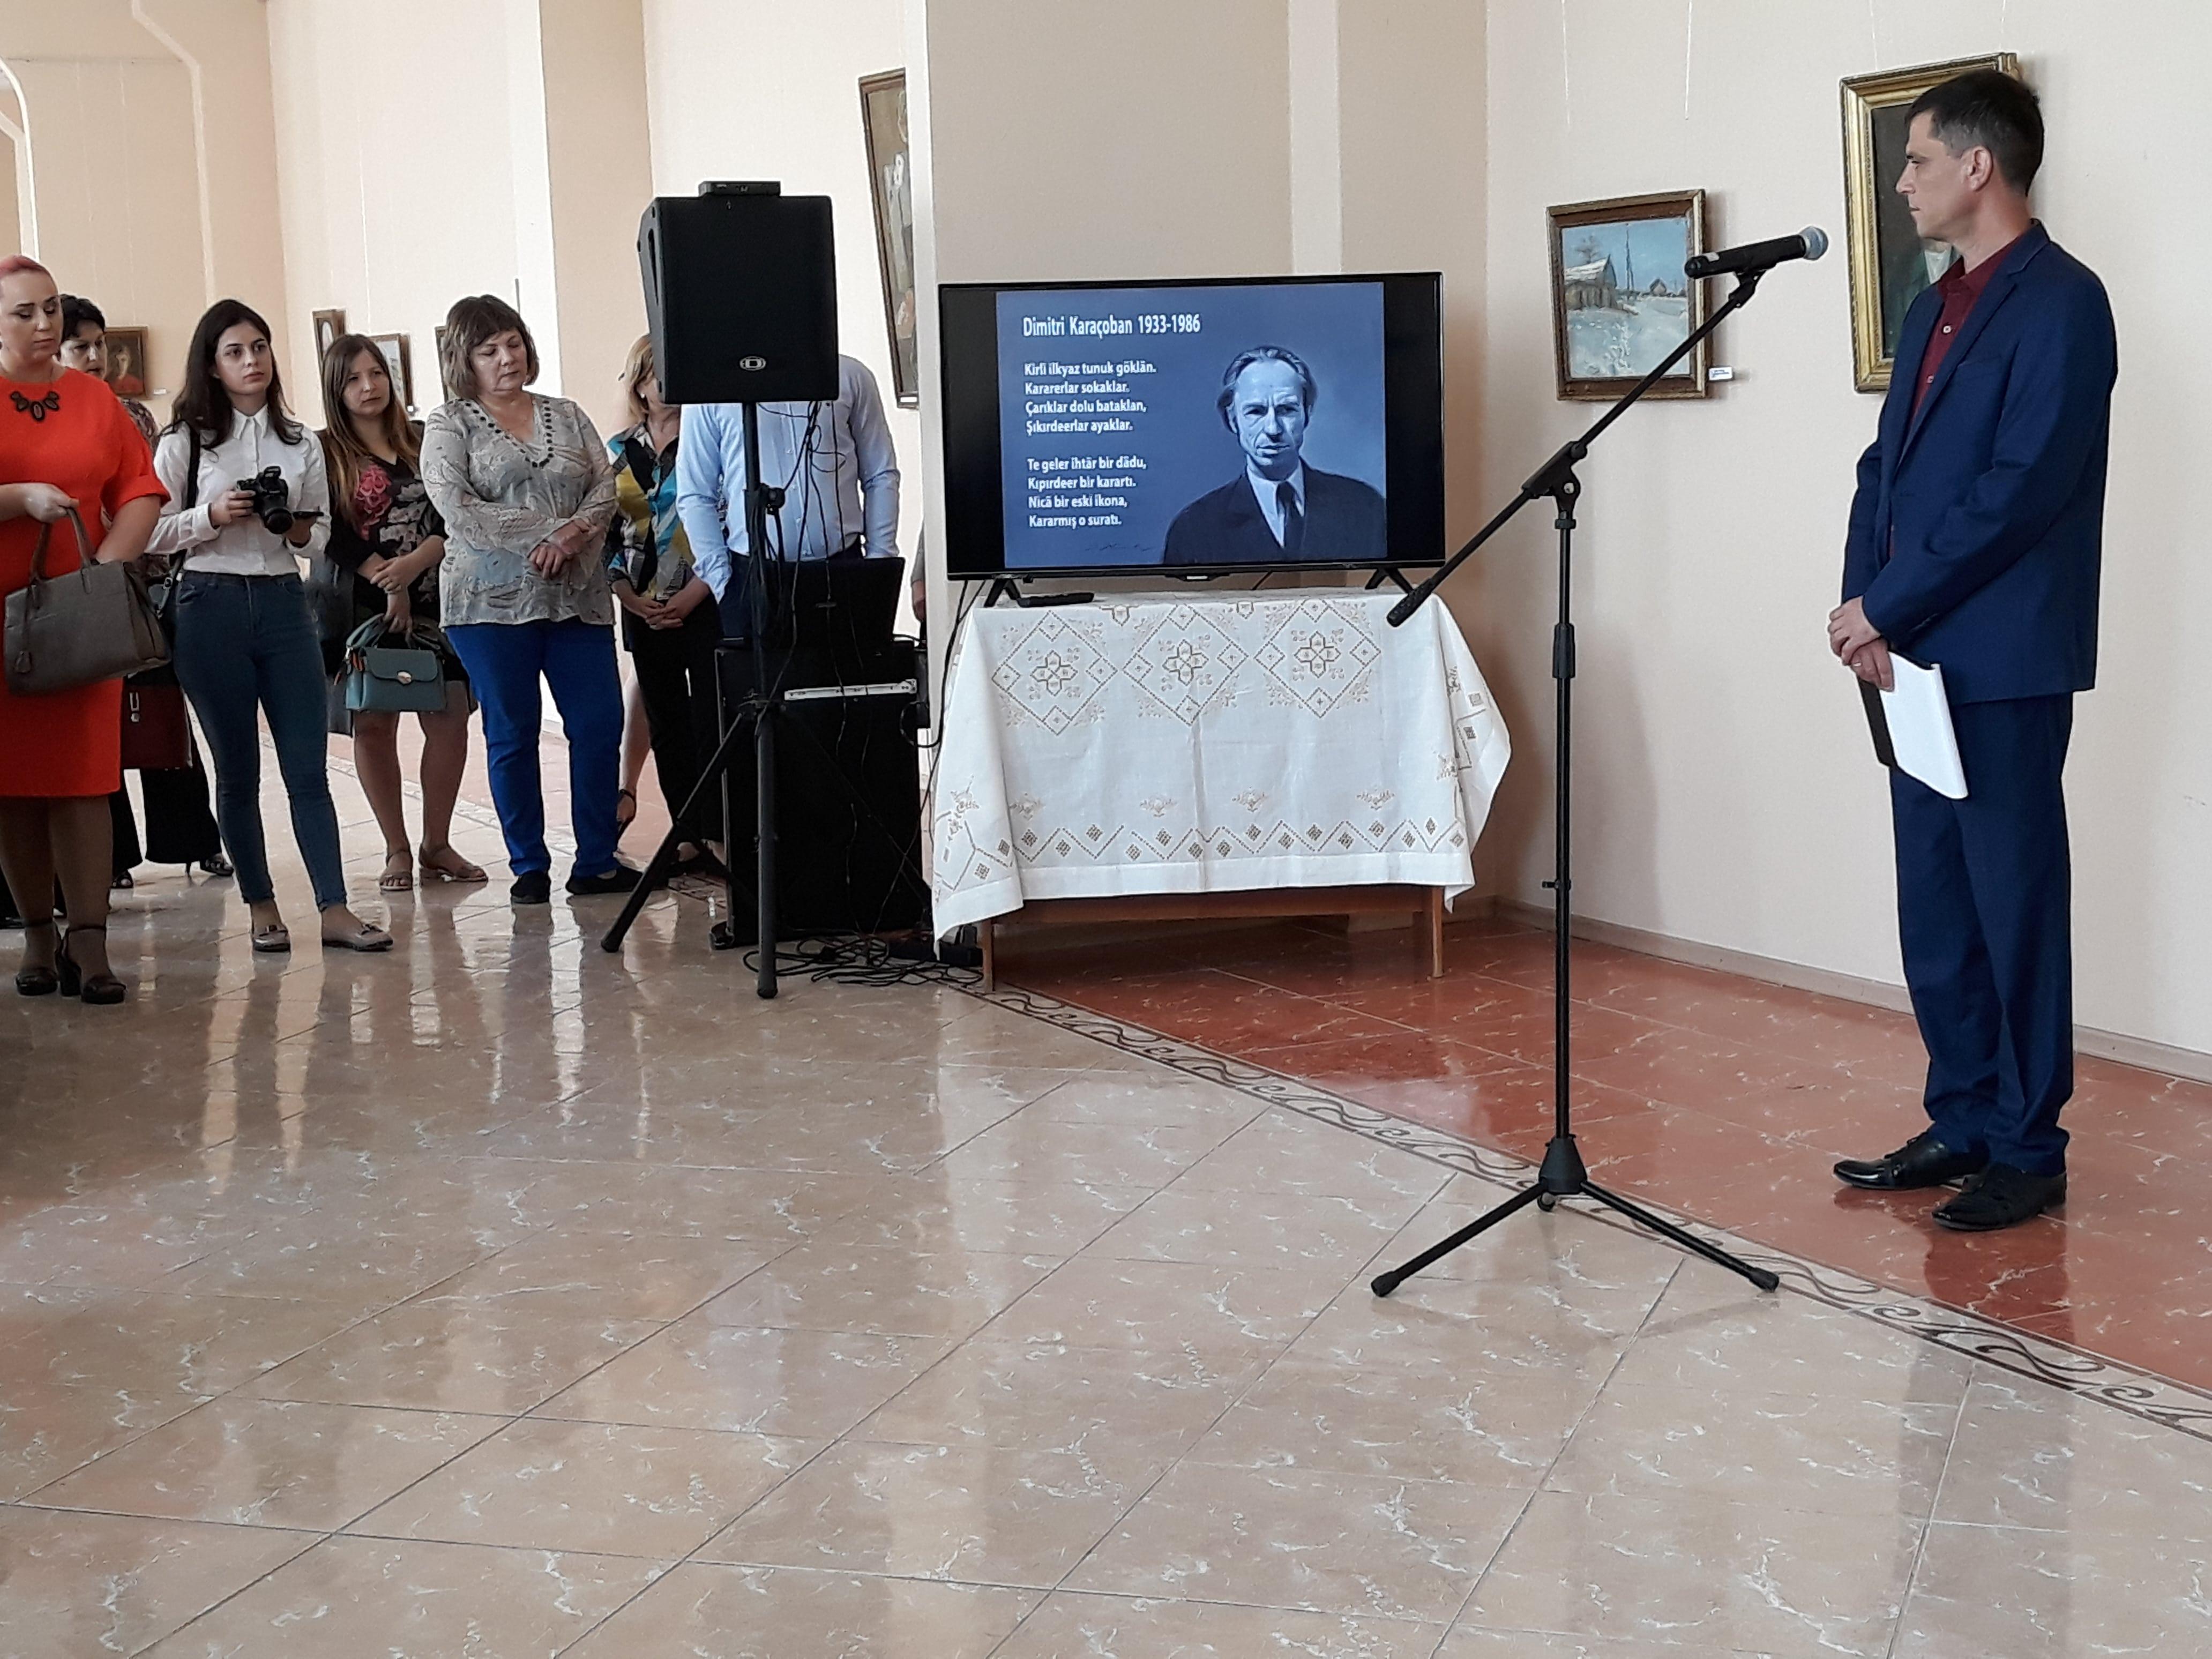 Ценители творчества Дмитрия Карачобана посетили открытие выставки его работ в Комрате